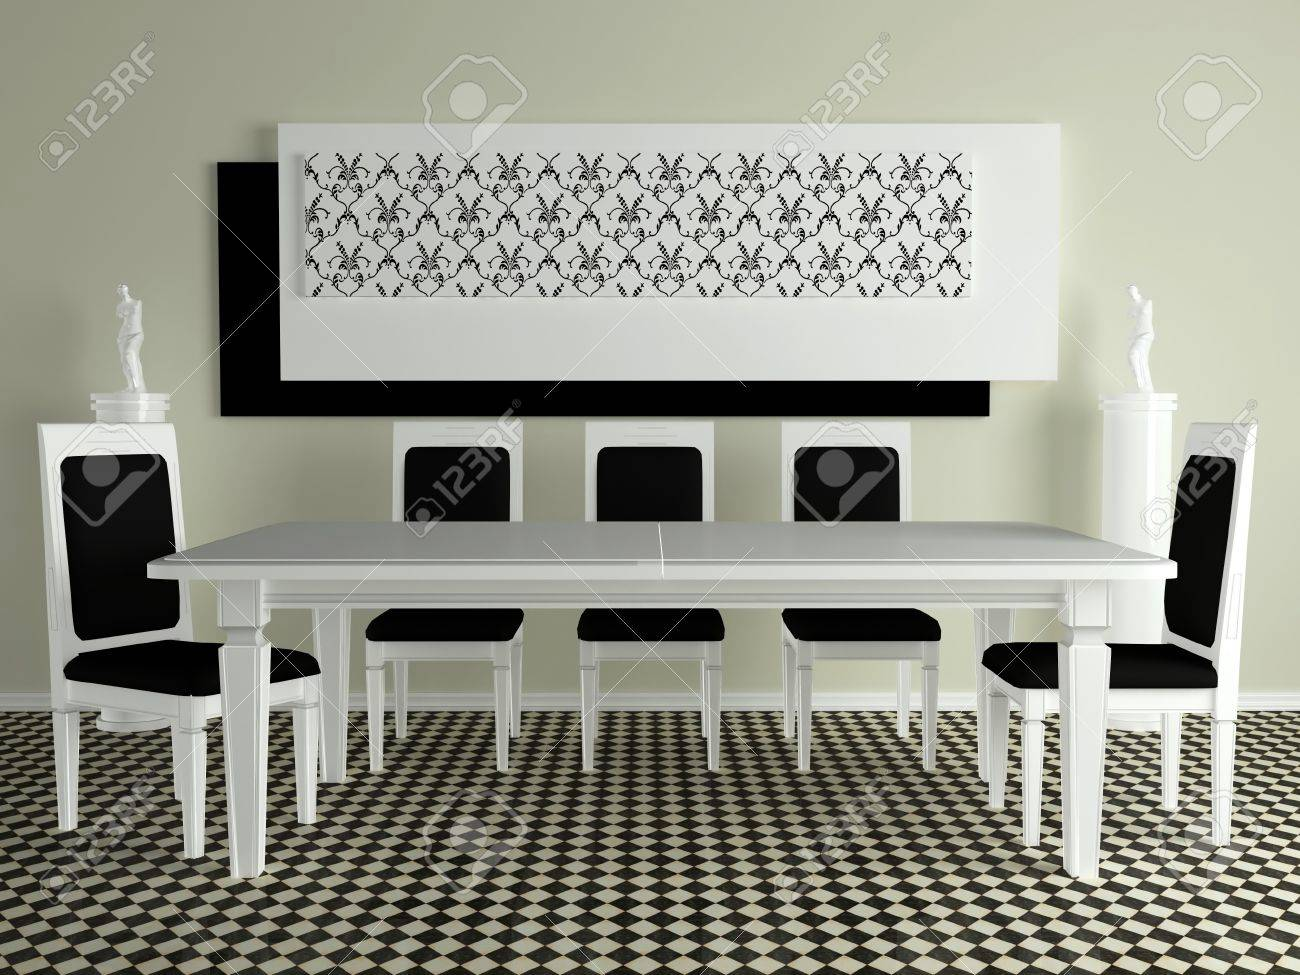 Mesa De Comedor Clásico Blanco Con Sillas, Diseño De Interiores De ...